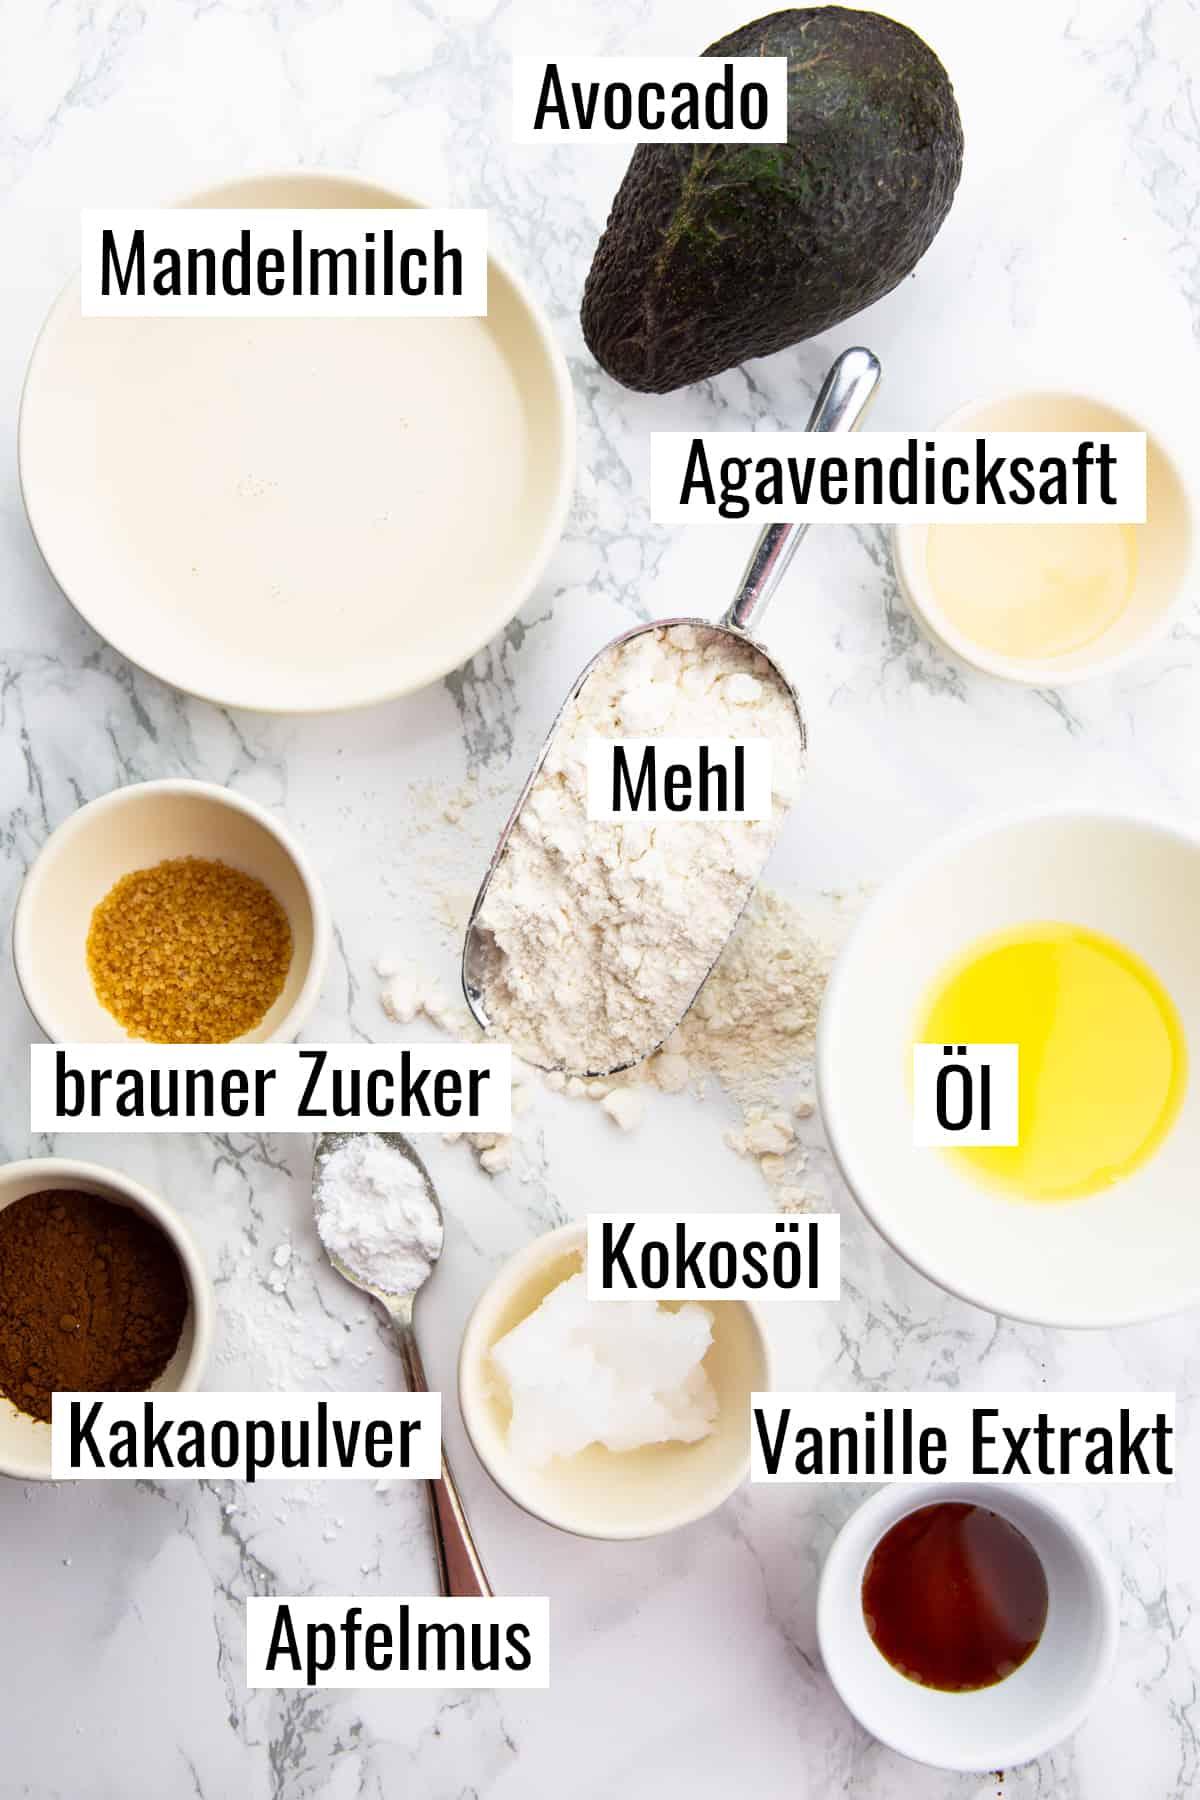 die Zutaten für dieses Rezept auf einen Marmorplatte mit Beschriftung